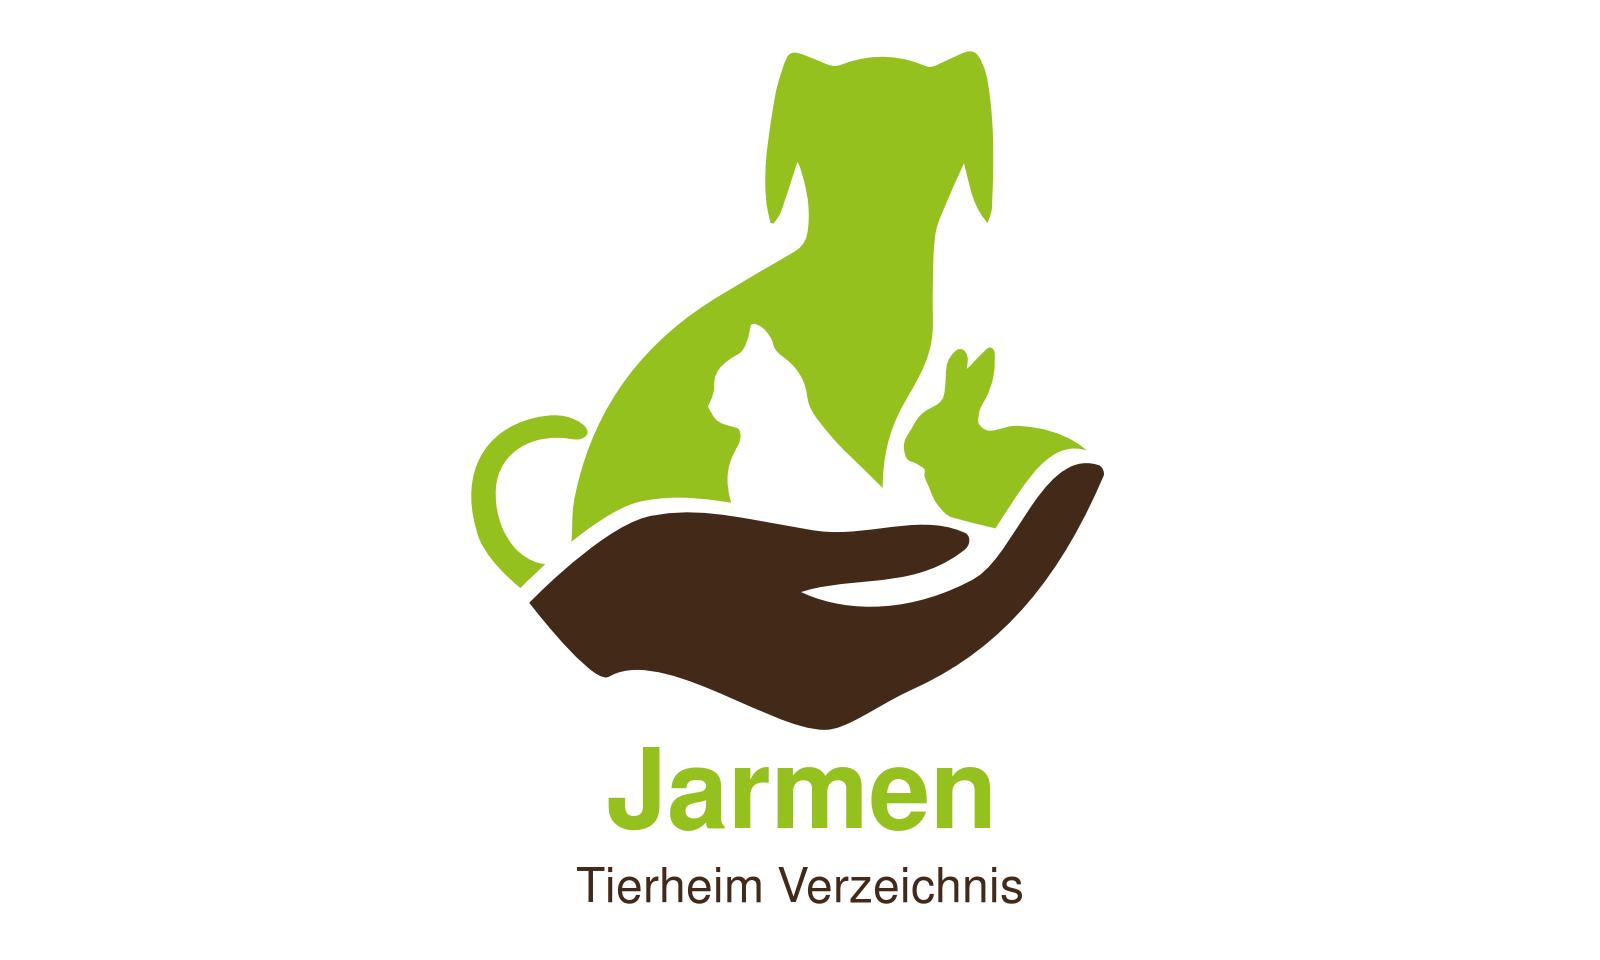 Tierheim Jarmen